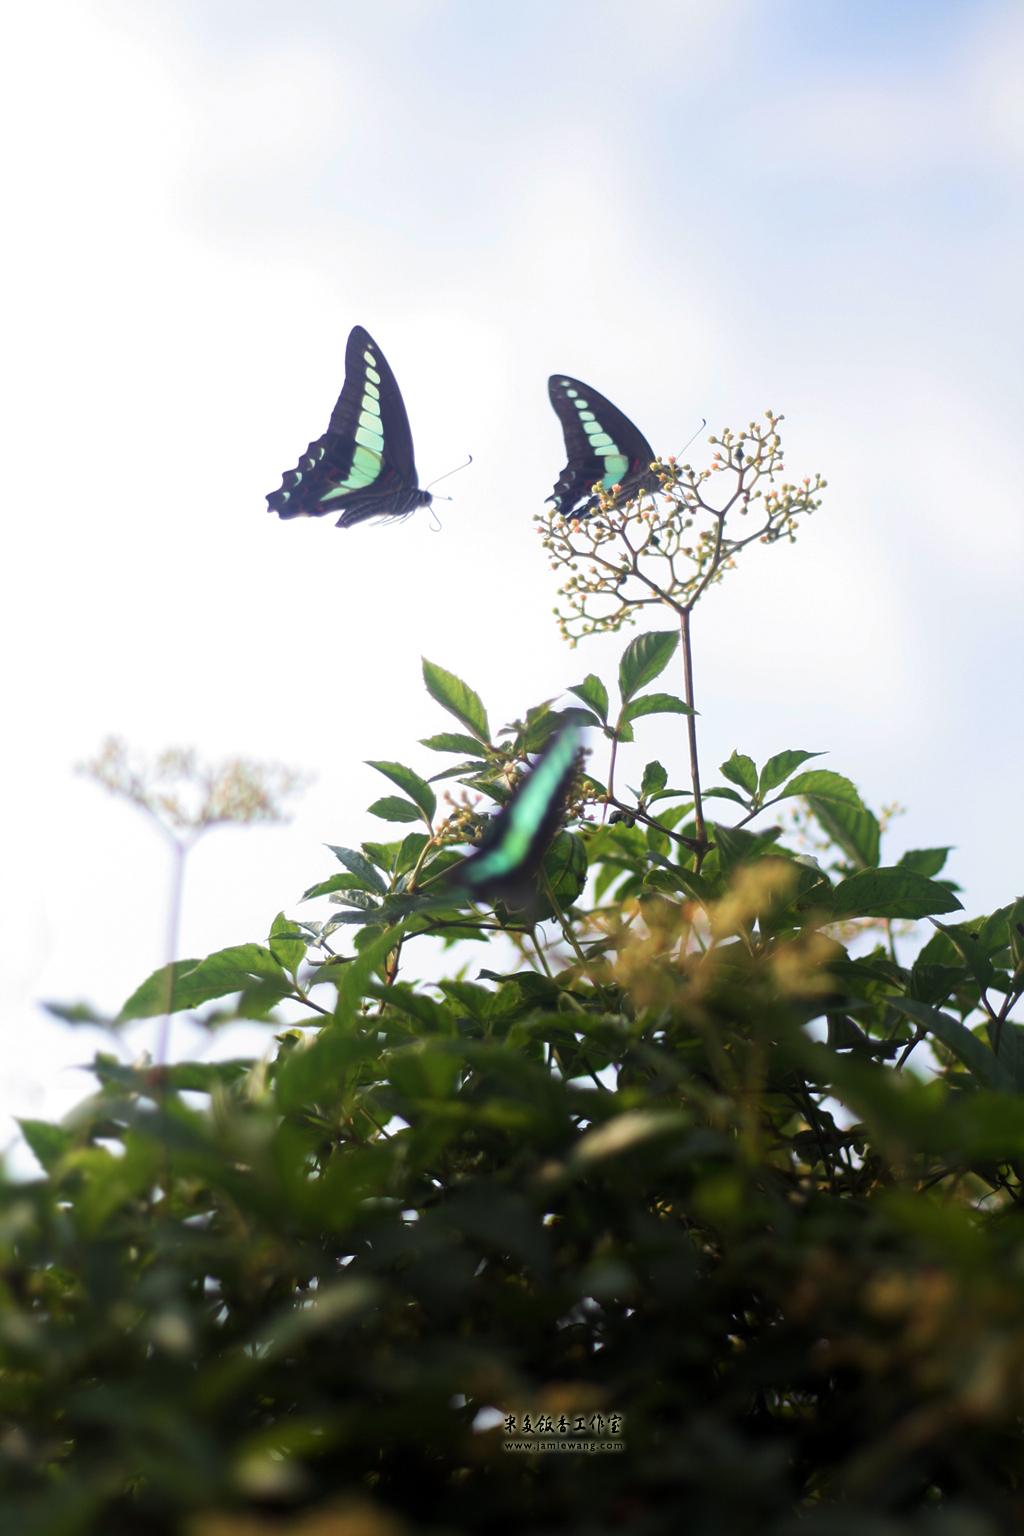 莫愁湖畔莫愁蝶 - butterfly - 1024X576 - 米多饭香工作室 - Jamie's Mind Lab - jamiewang.com - 010